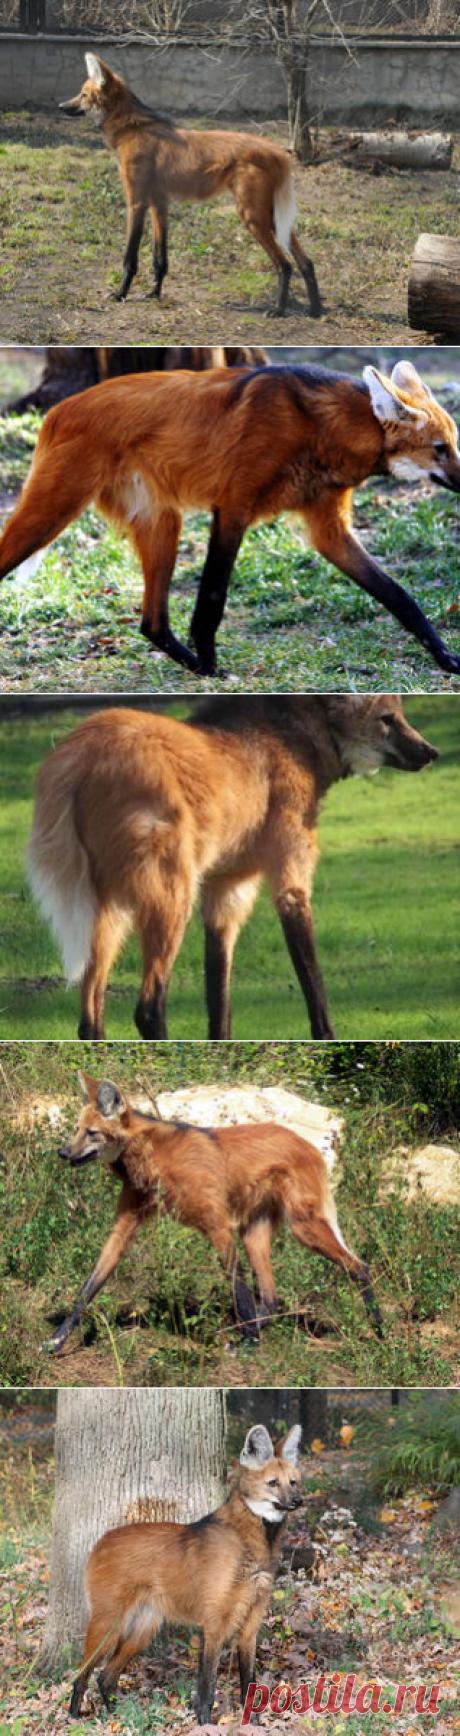 Смотреть изображения гривистых волков | Зооляндия